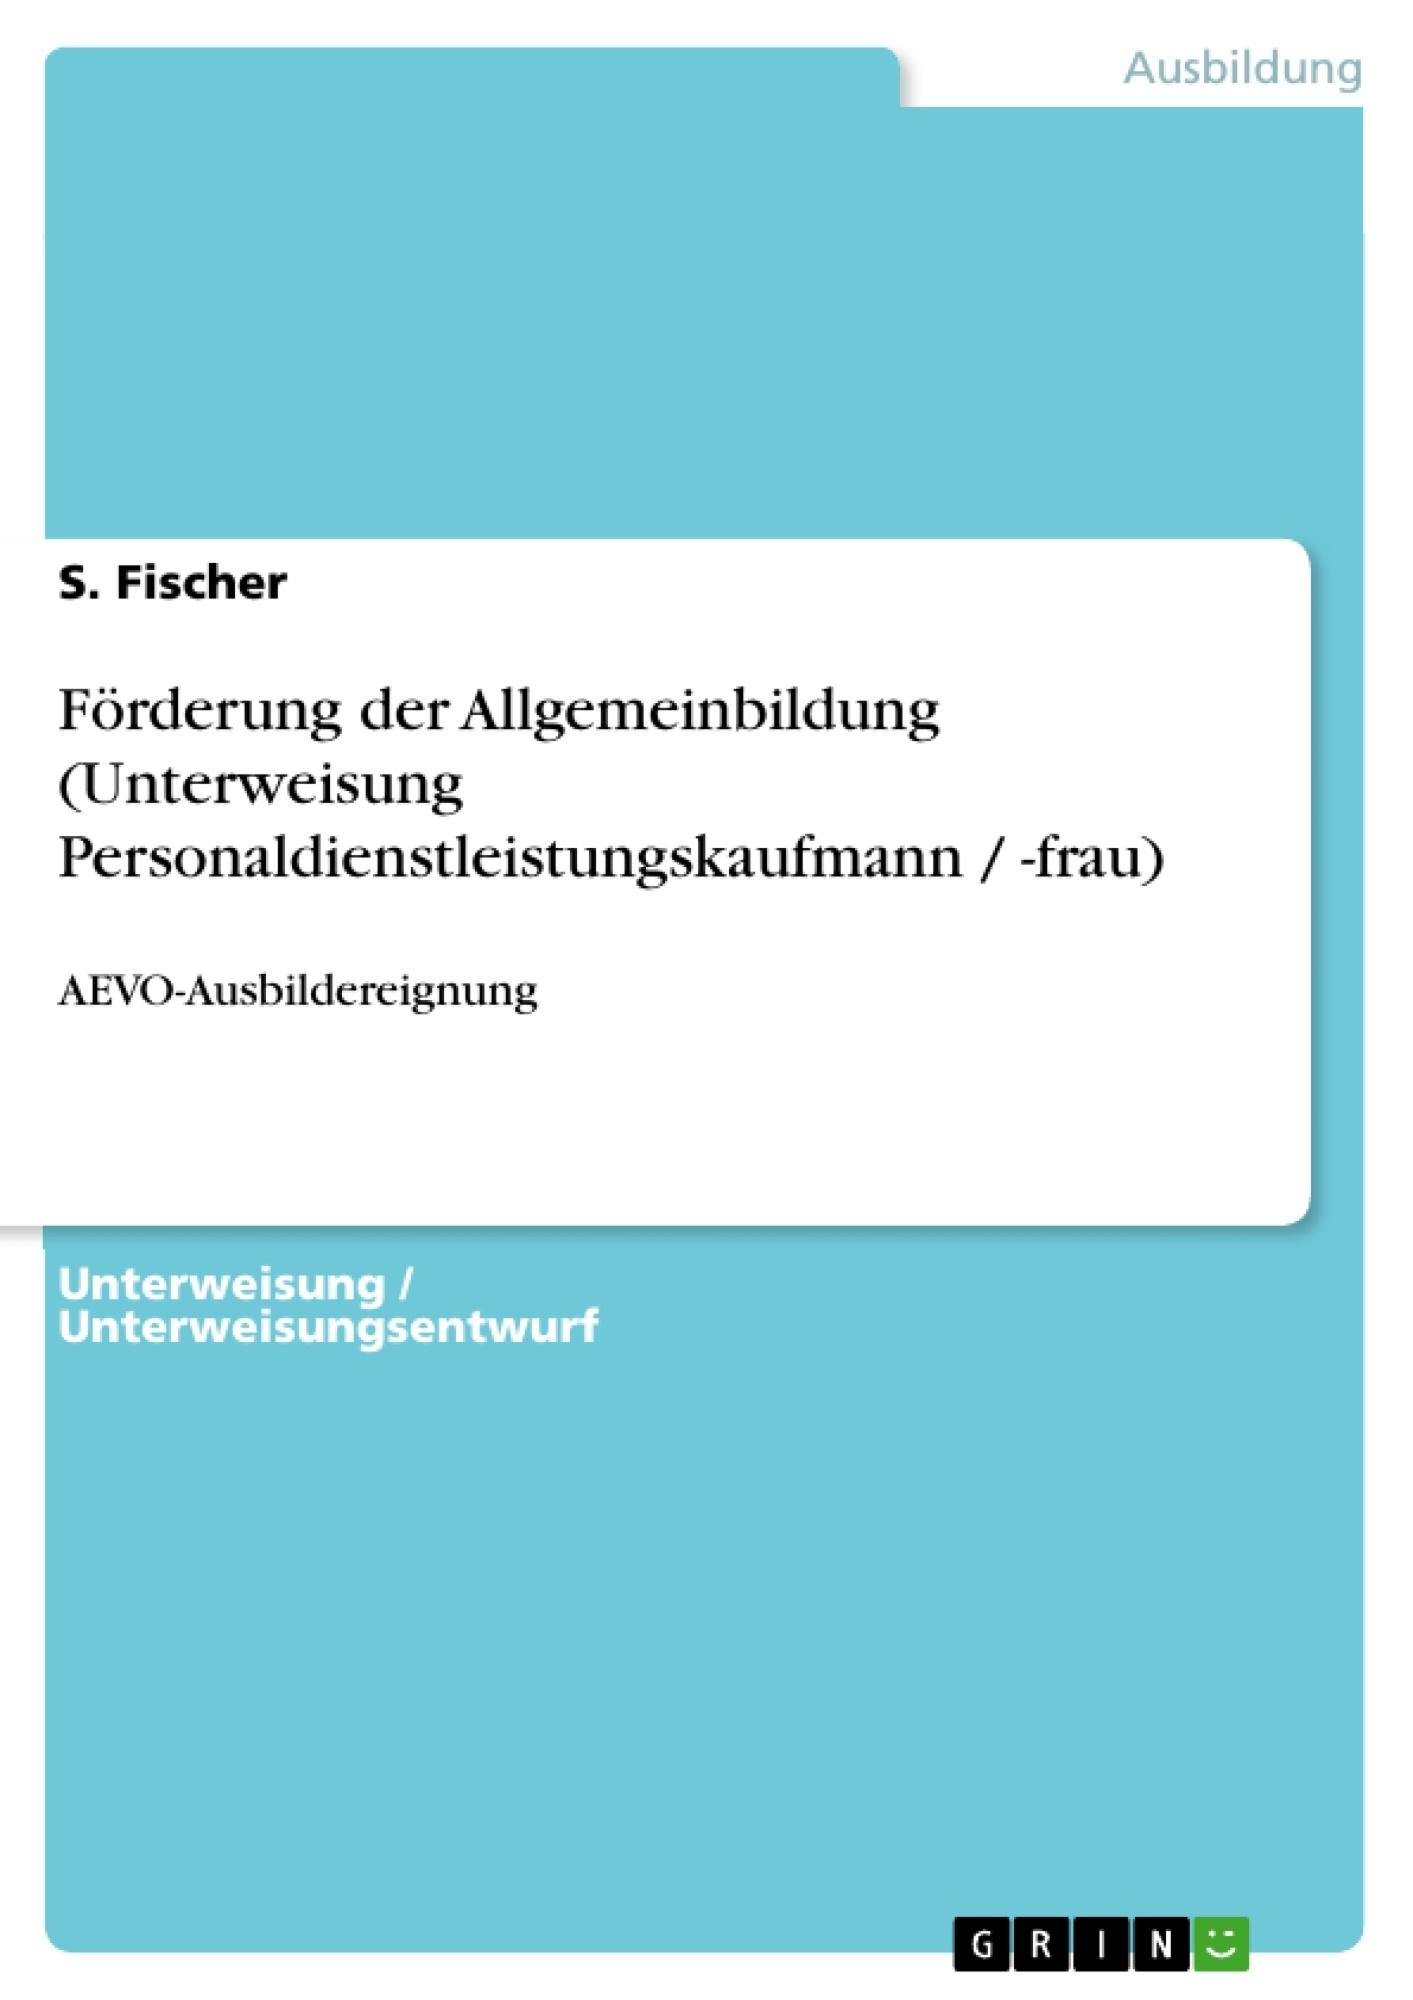 Titel: Förderung der Allgemeinbildung (Unterweisung Personaldienstleistungskaufmann / -frau)